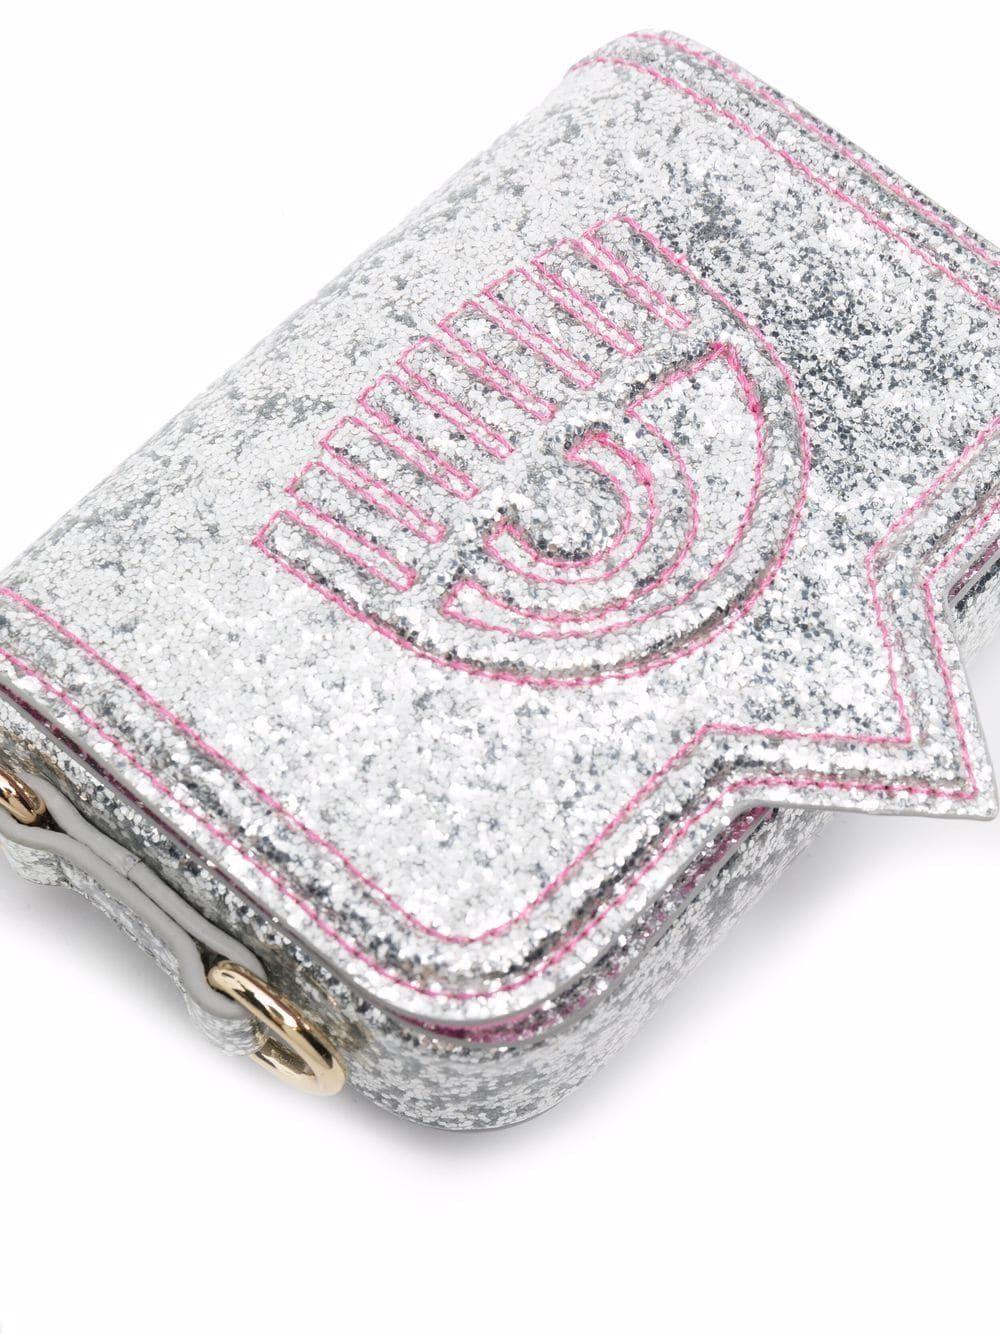 Chiara ferragni bags.. silver